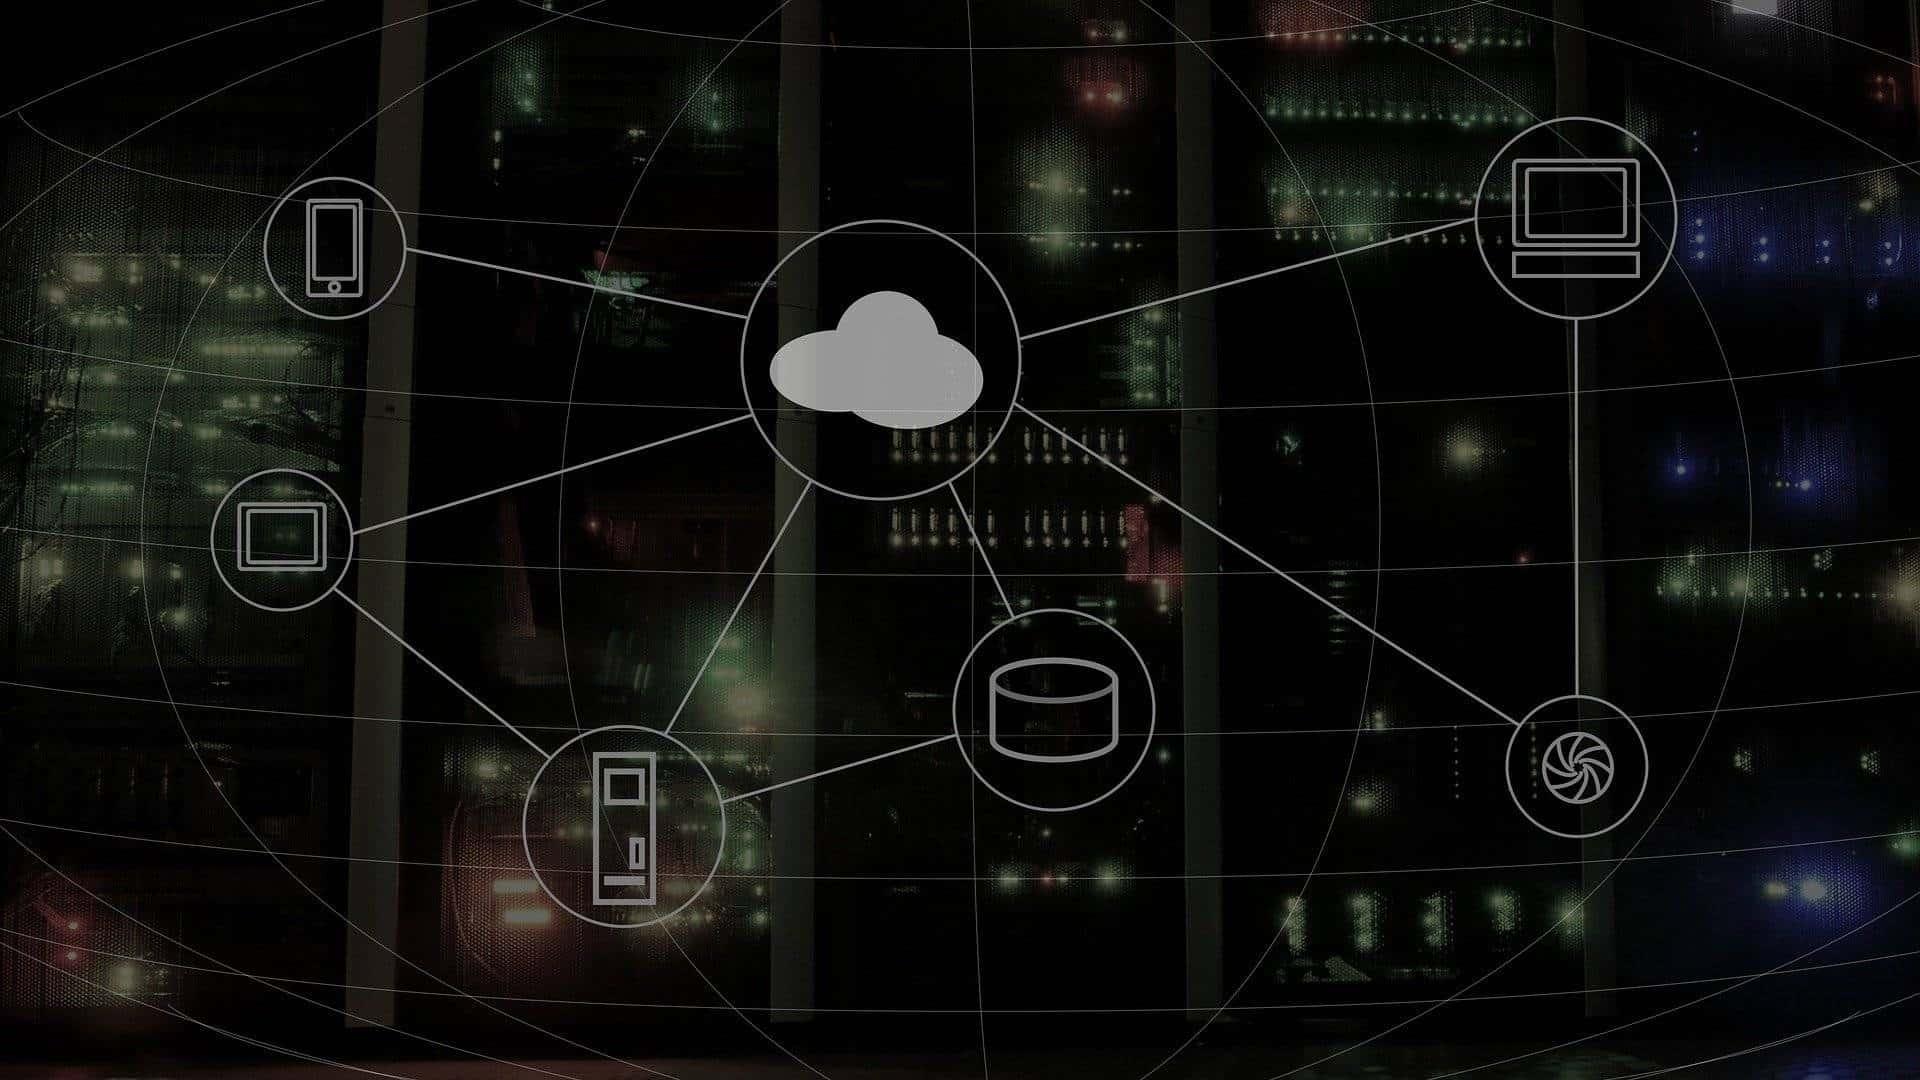 Cloud computing é um dos focos do evento. Crédito: Wynn Pointaux/Pixabay